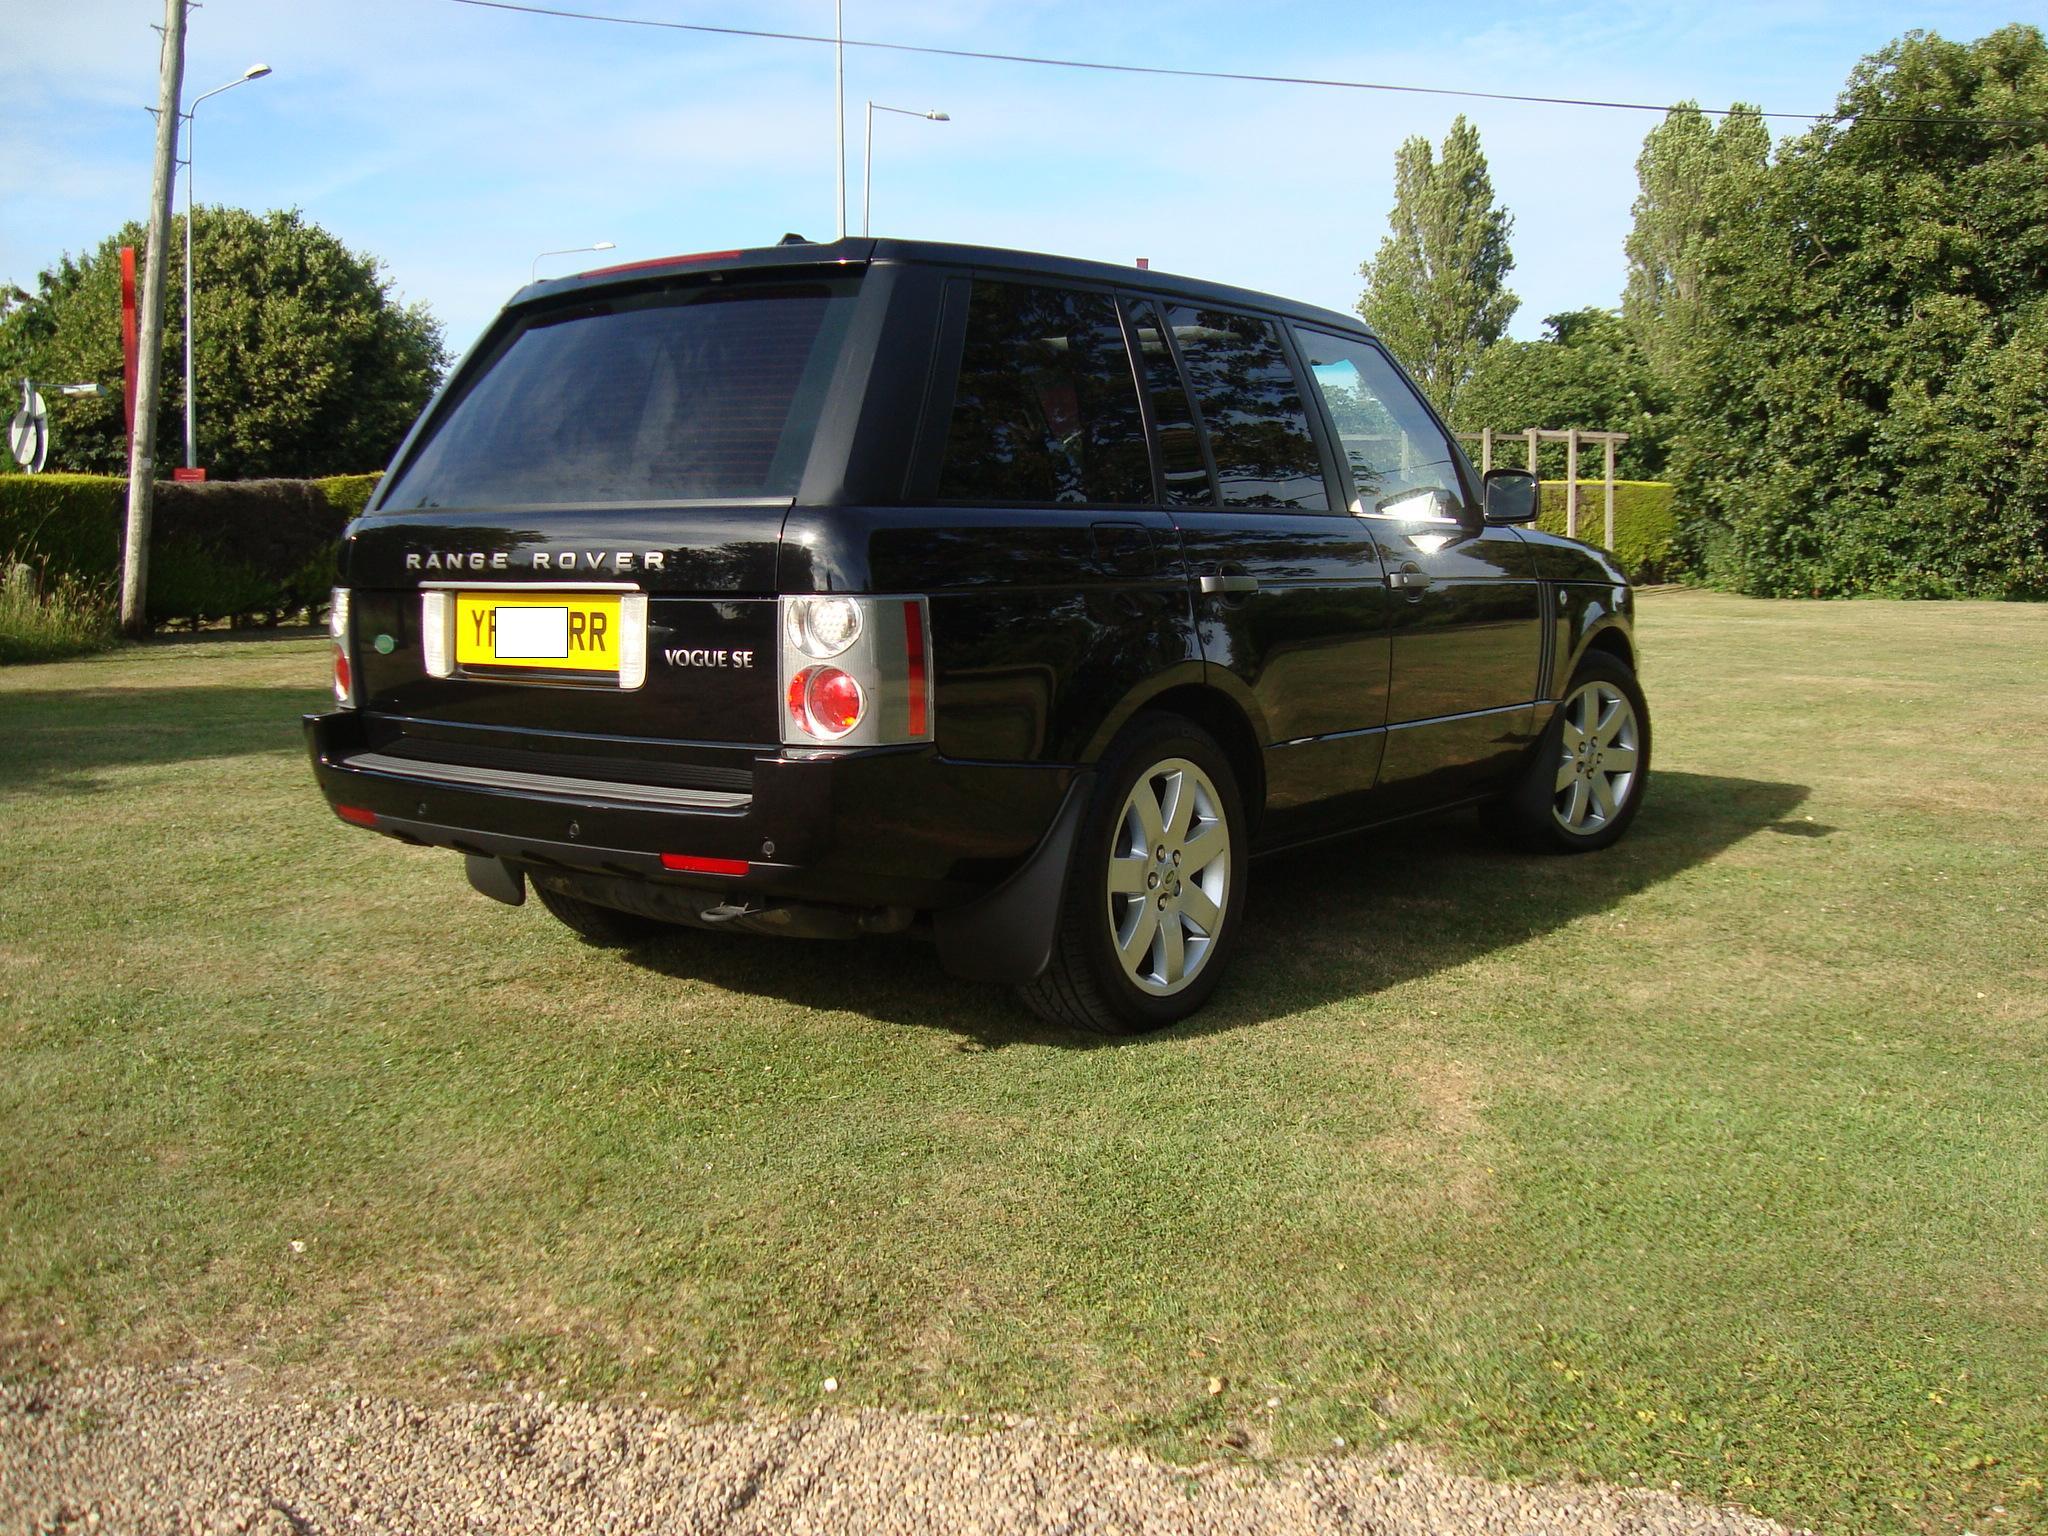 Range Rover Image